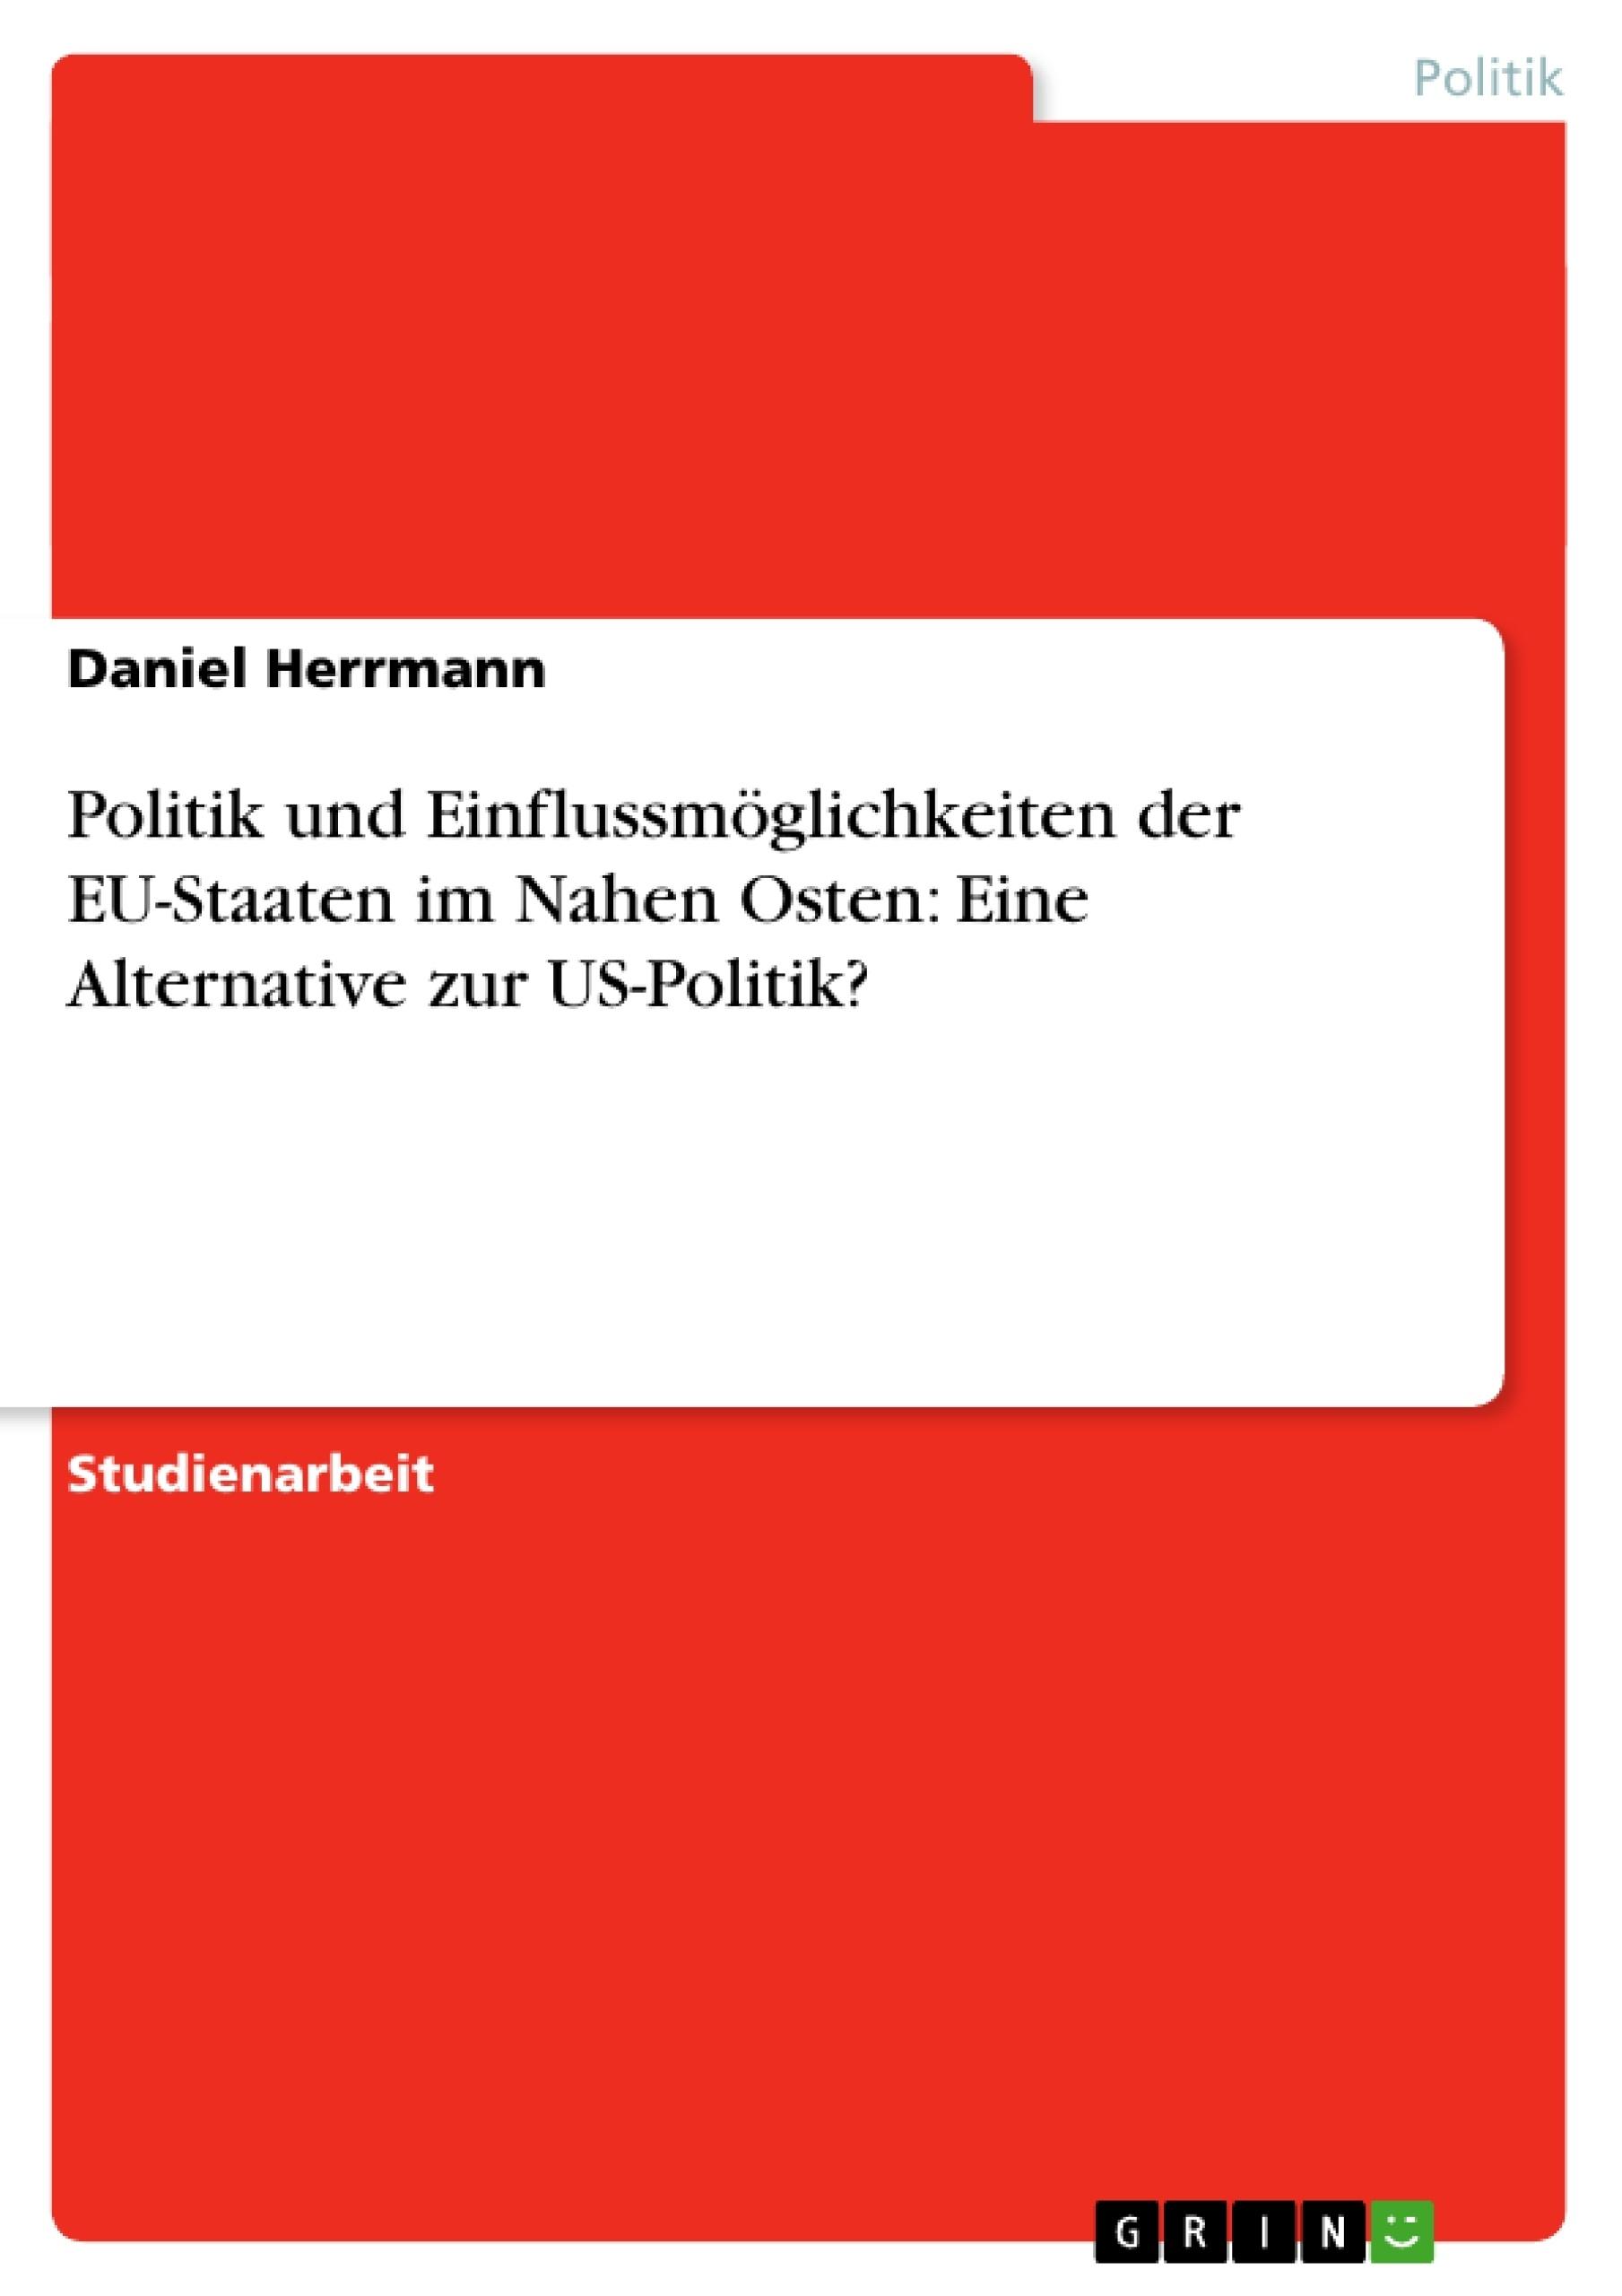 Titel: Politik und Einflussmöglichkeiten der EU-Staaten im Nahen Osten: Eine Alternative zur US-Politik?